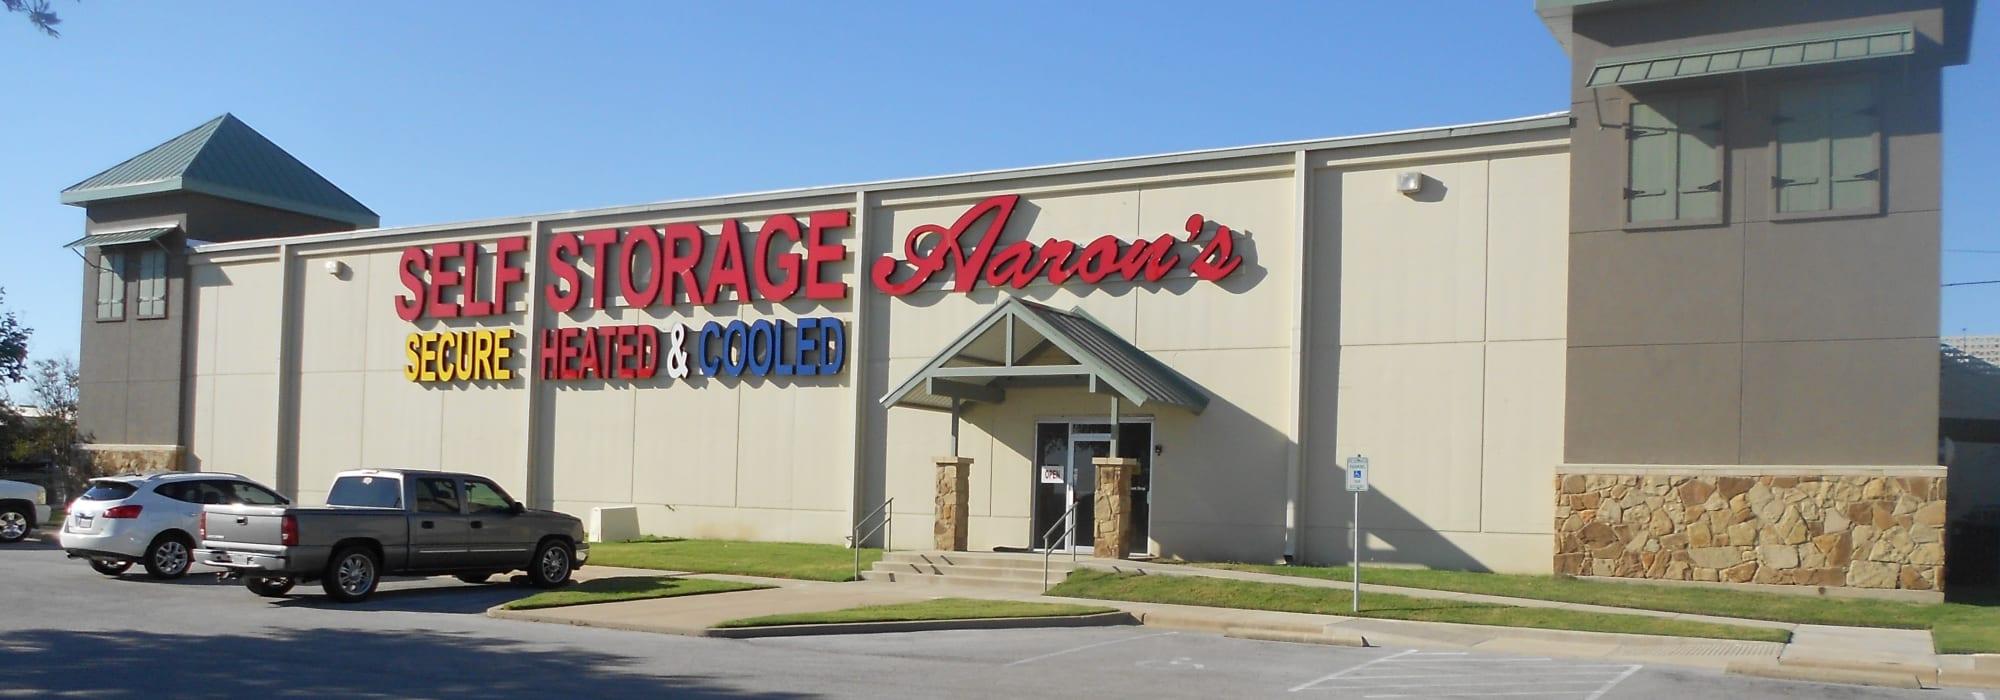 Aarons Self Storage self storage in Texas